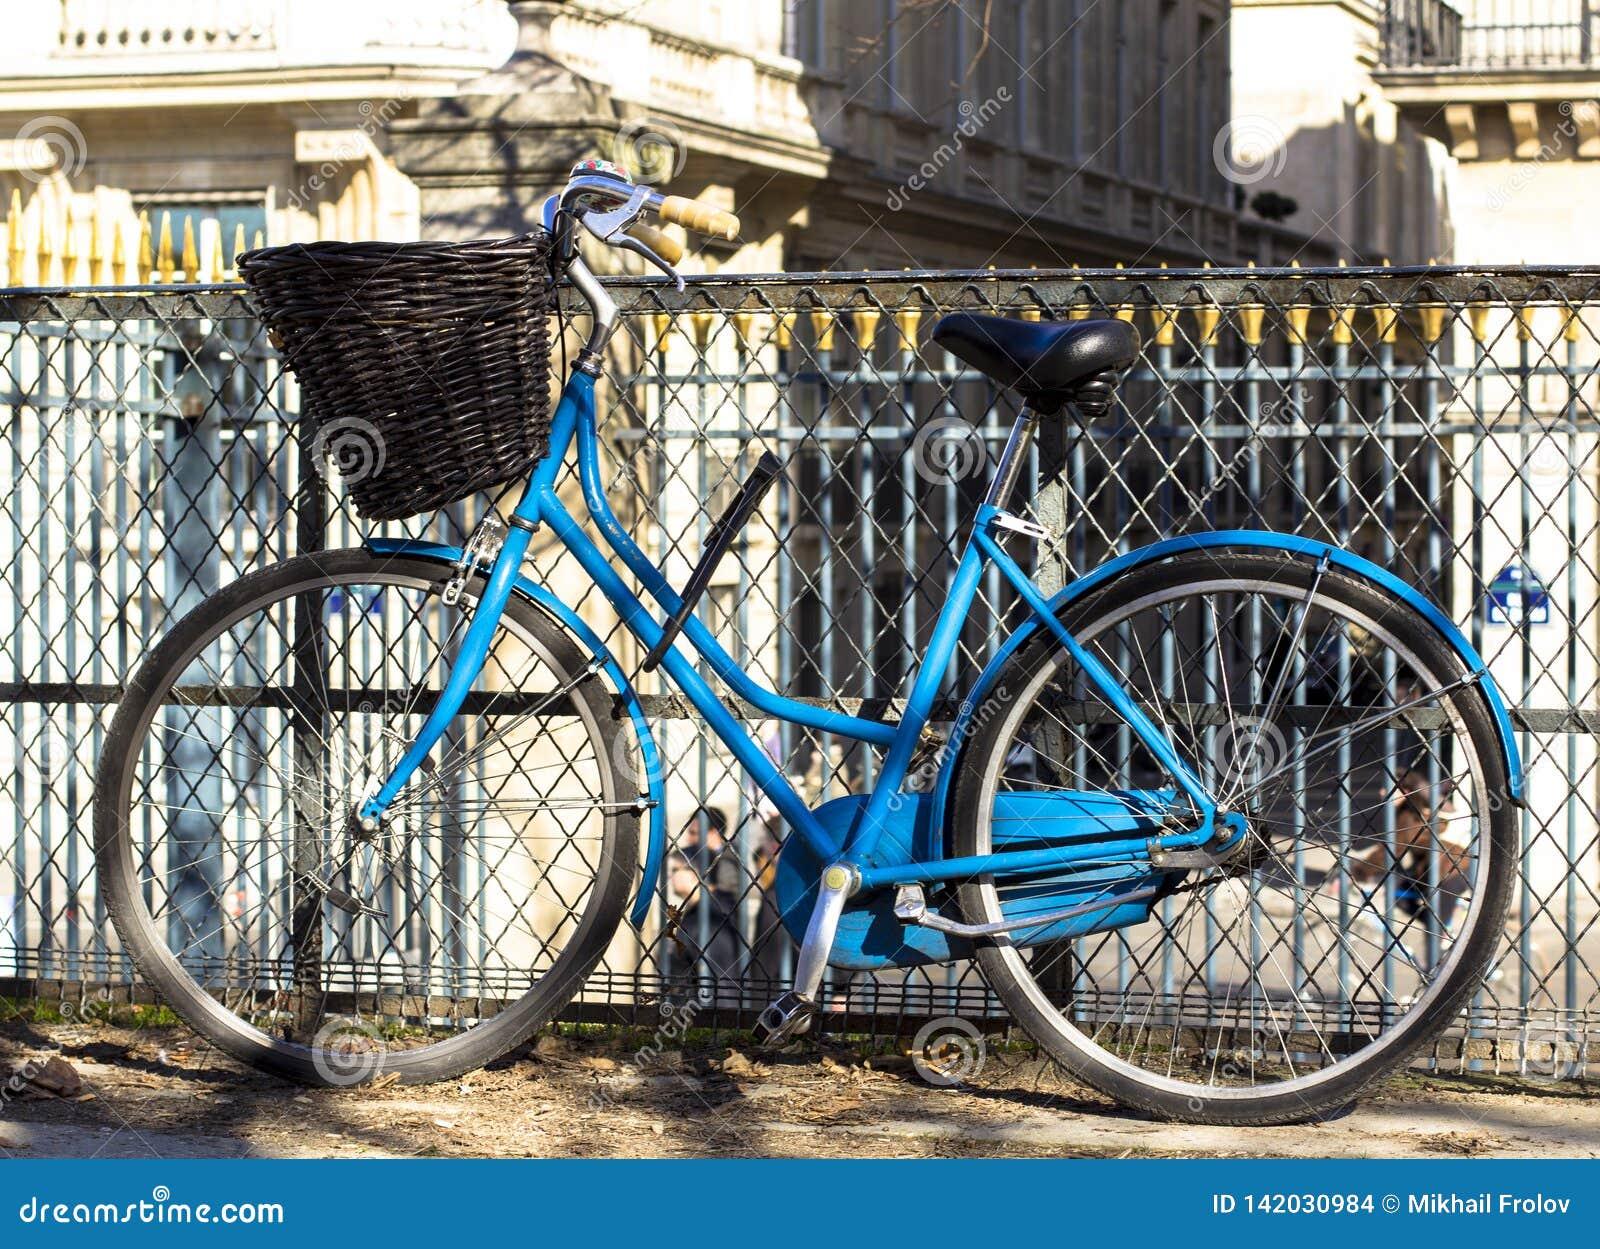 Blå tappningcykel med korgen på staketet